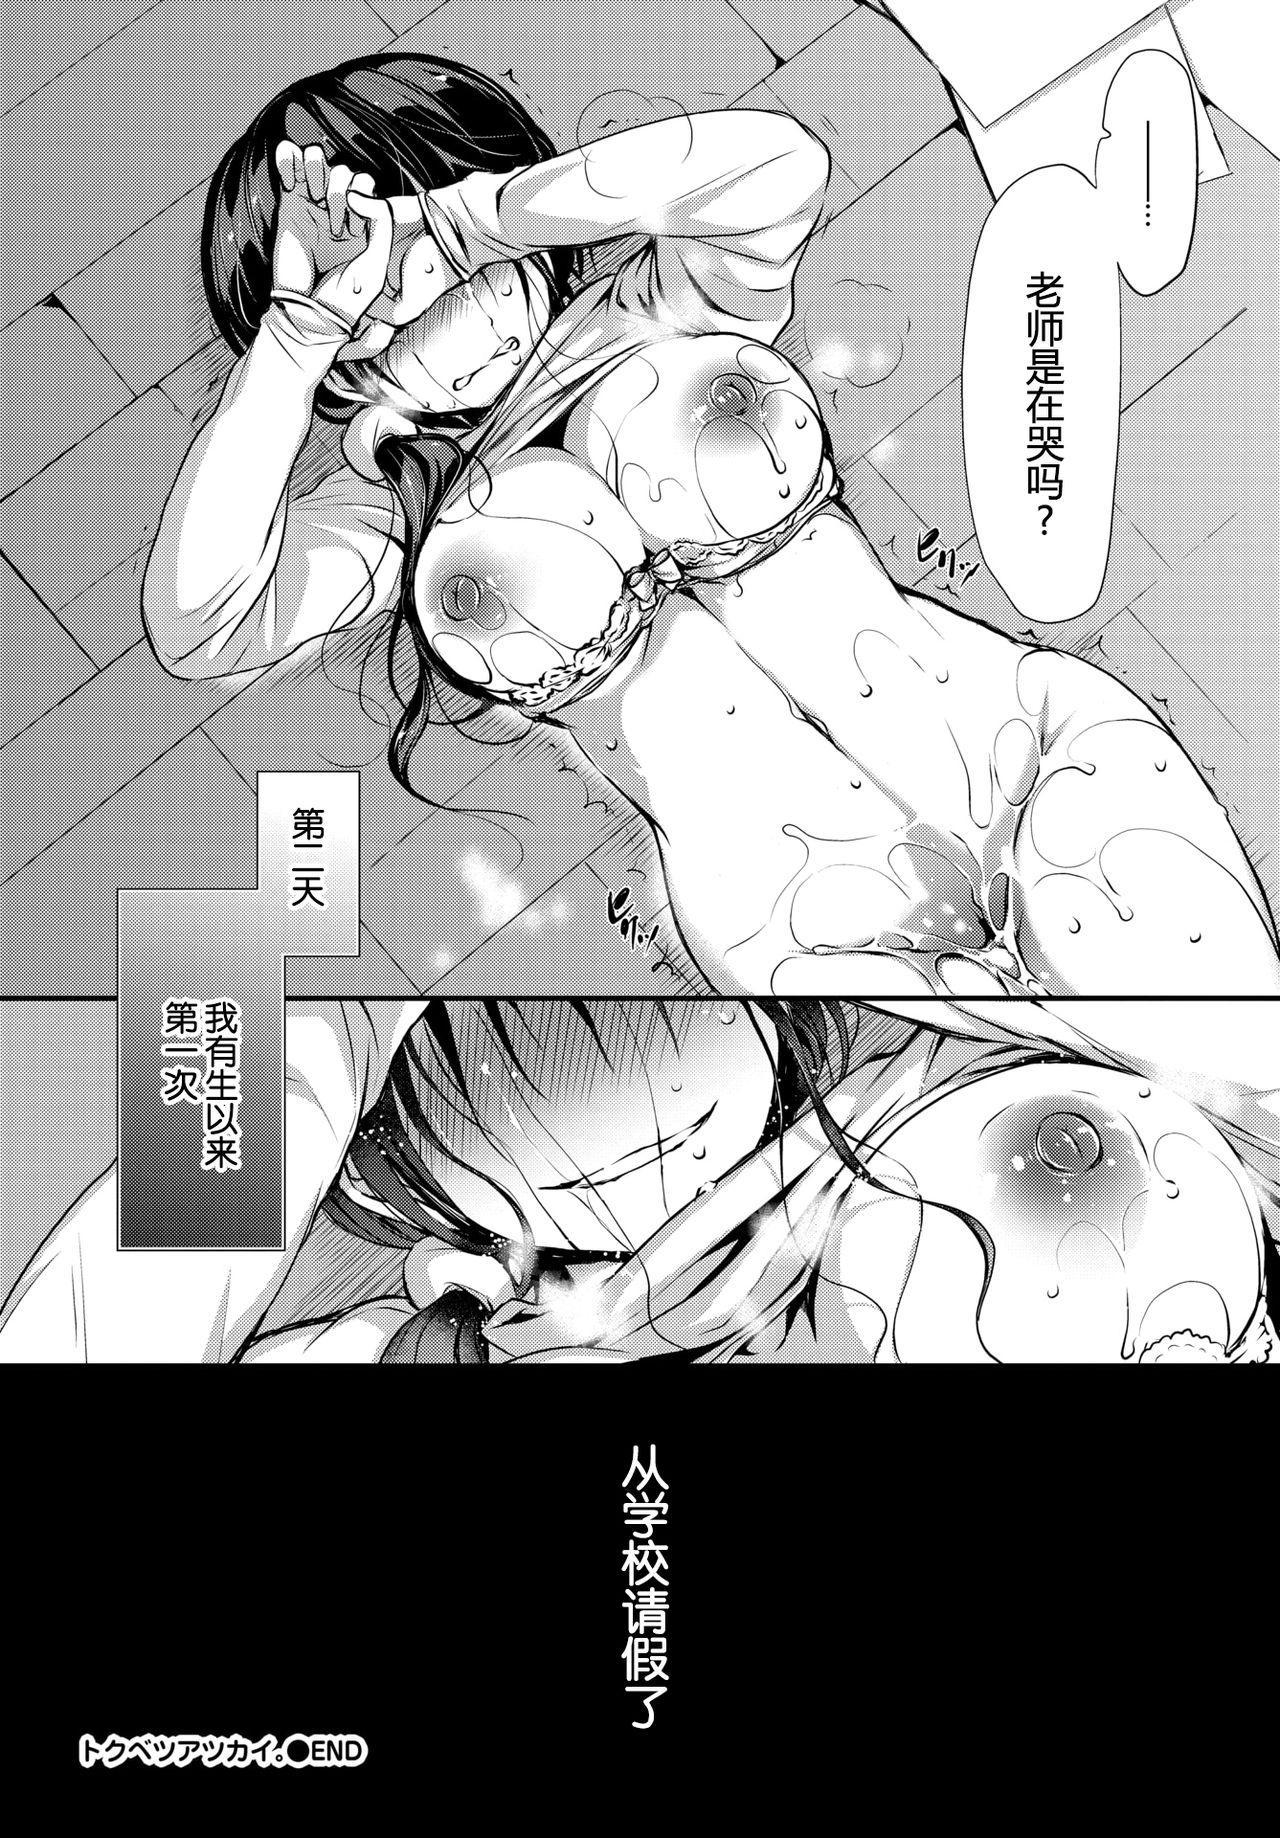 Tokubetsu Atsukai. - Special Treatment 23